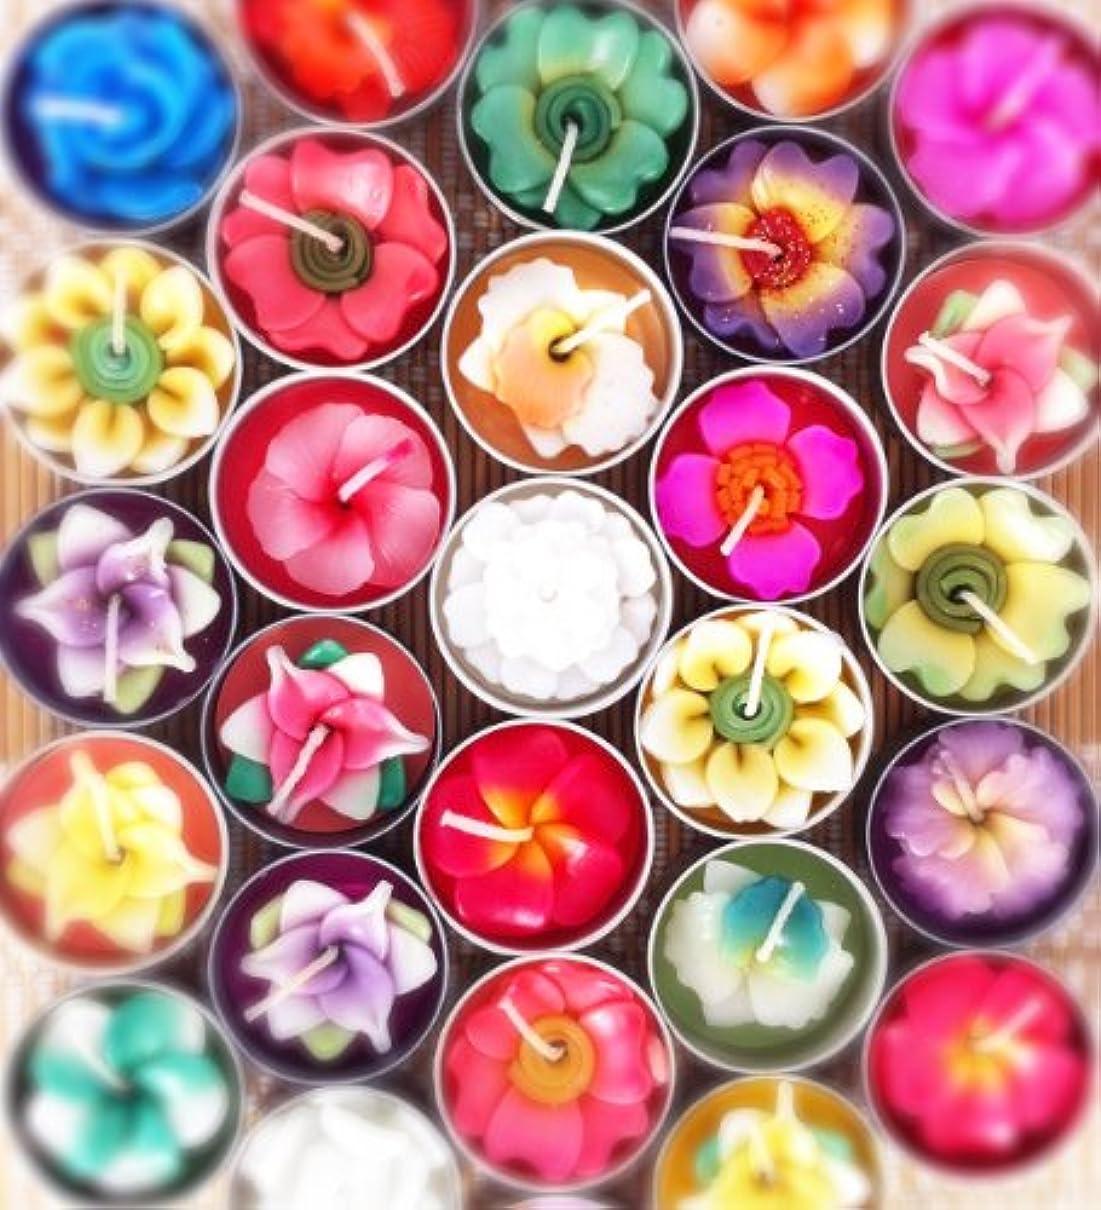 傑作トラフィック彫るTiddin Design【キャンドル】フラワーキャンドル/ティーライトキャンドル/ろうそく/花の香り/Flower Candle (10個入りお徳用パック)